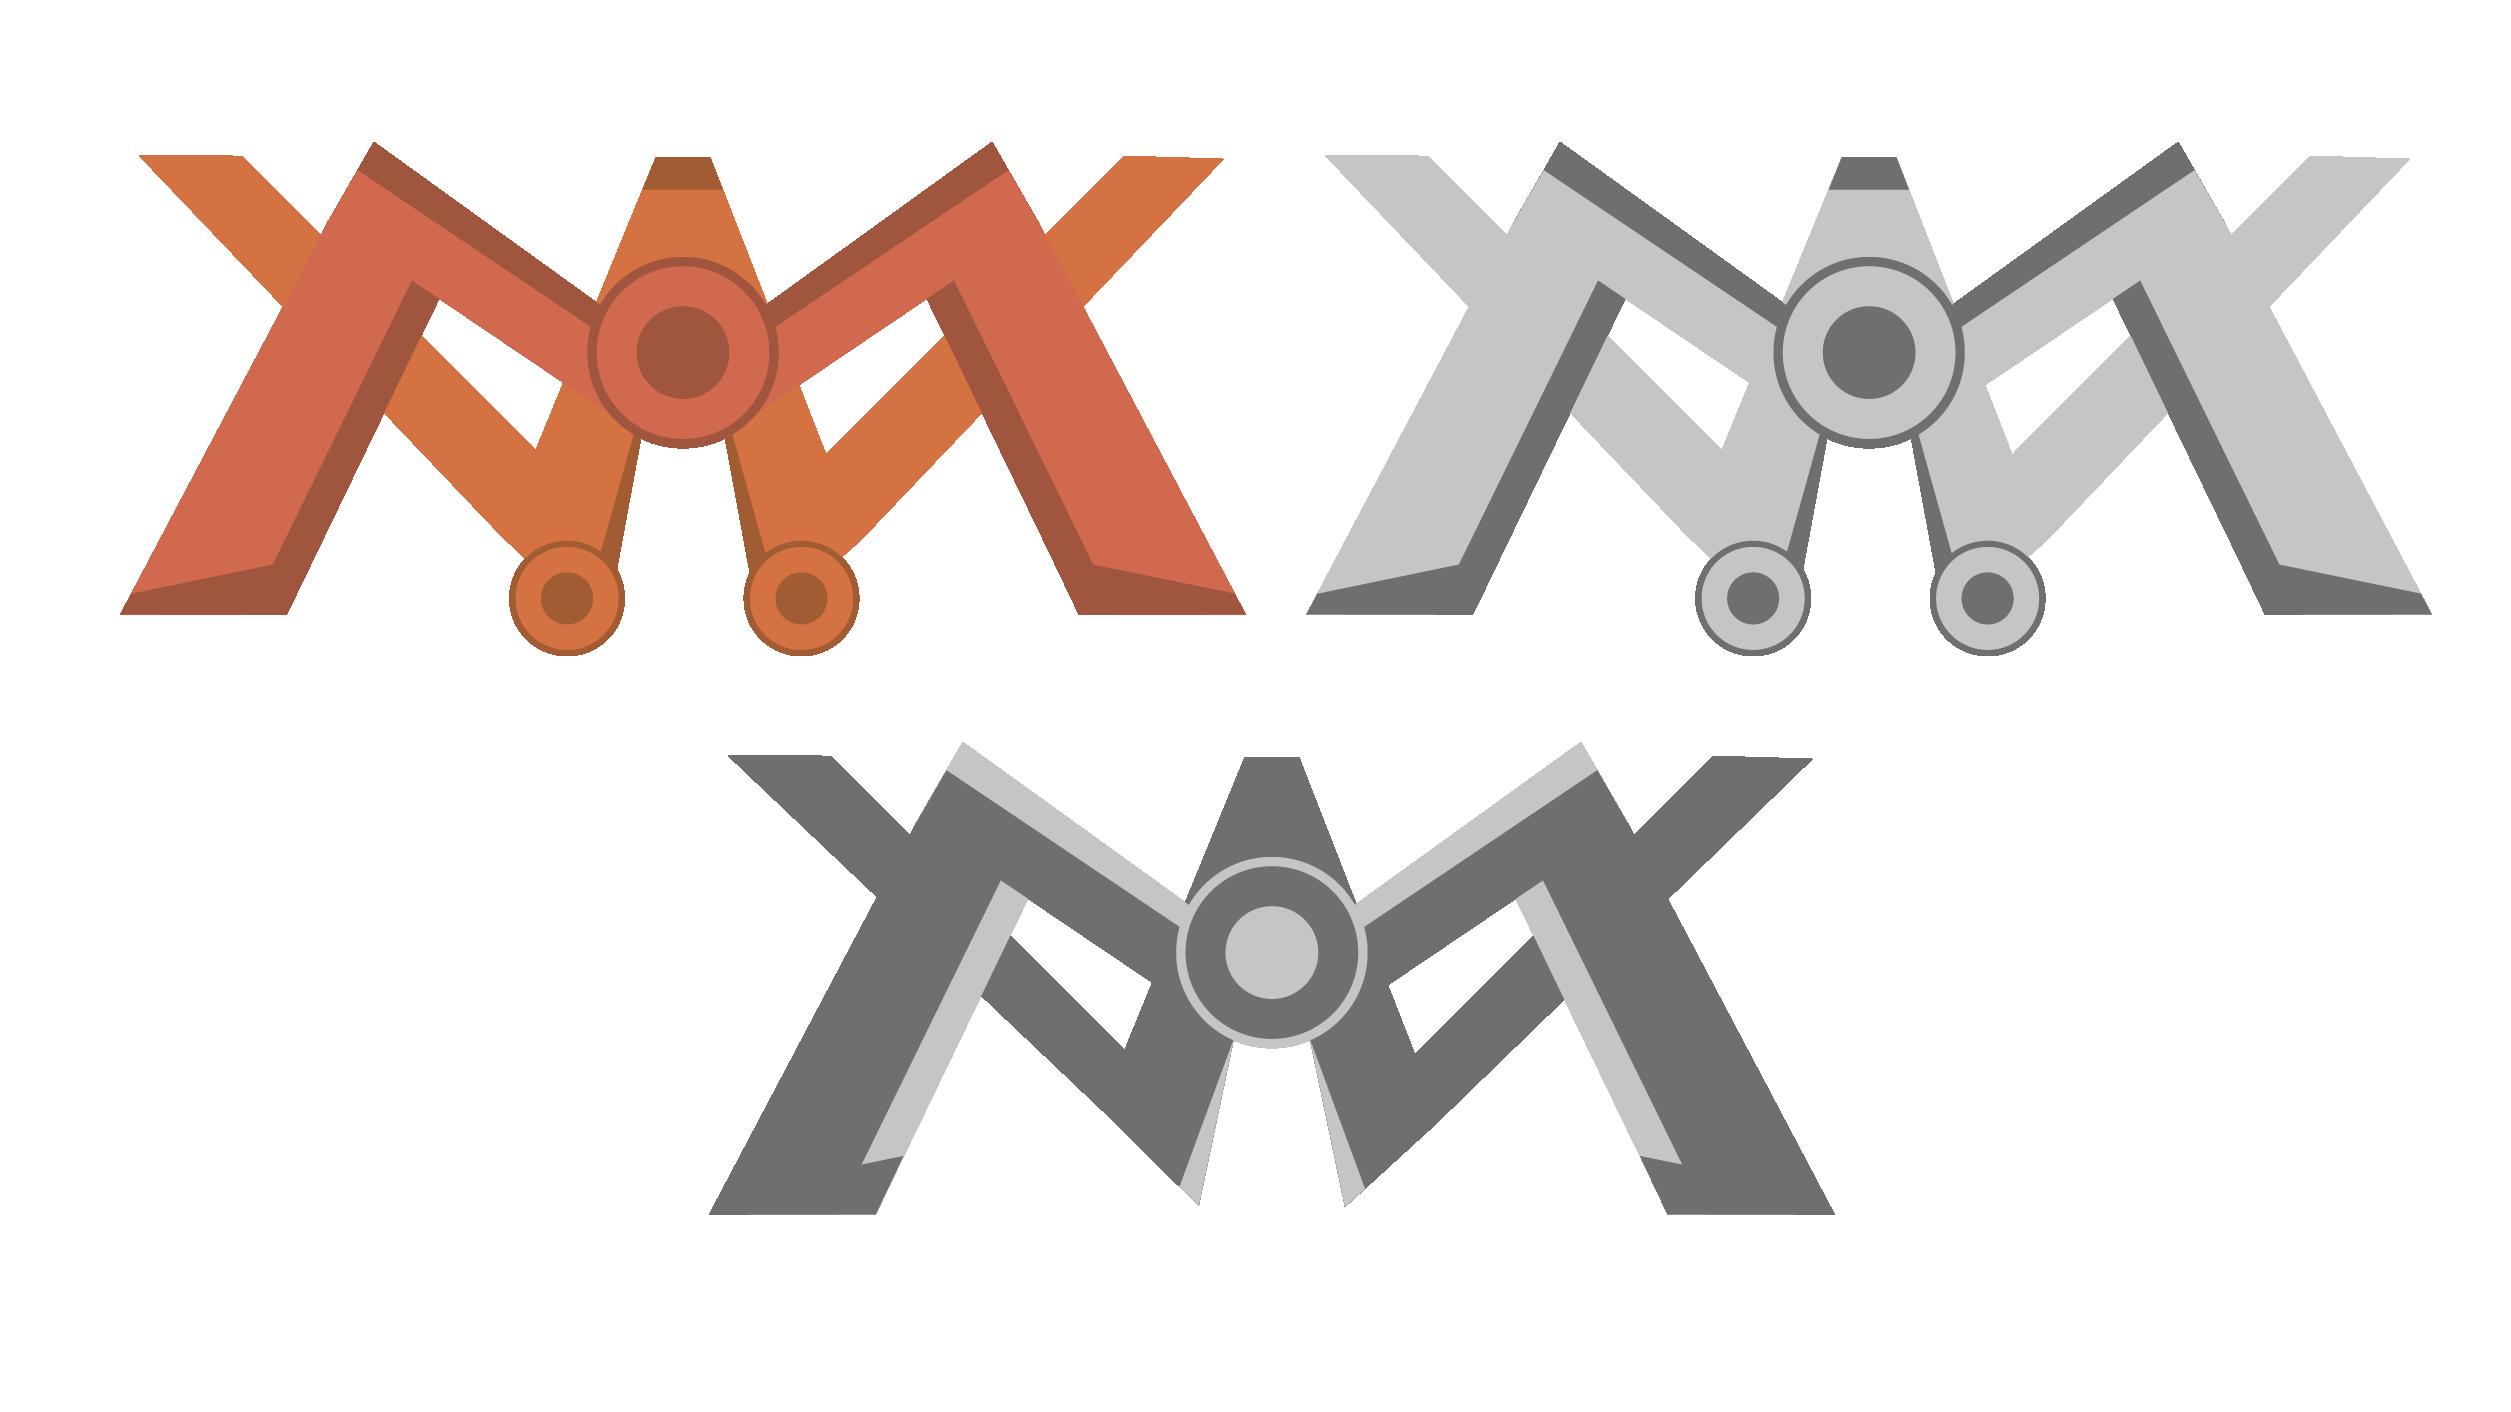 Создать логотип для фабрики пресс-форм фото f_961598d5061d1b6a.png